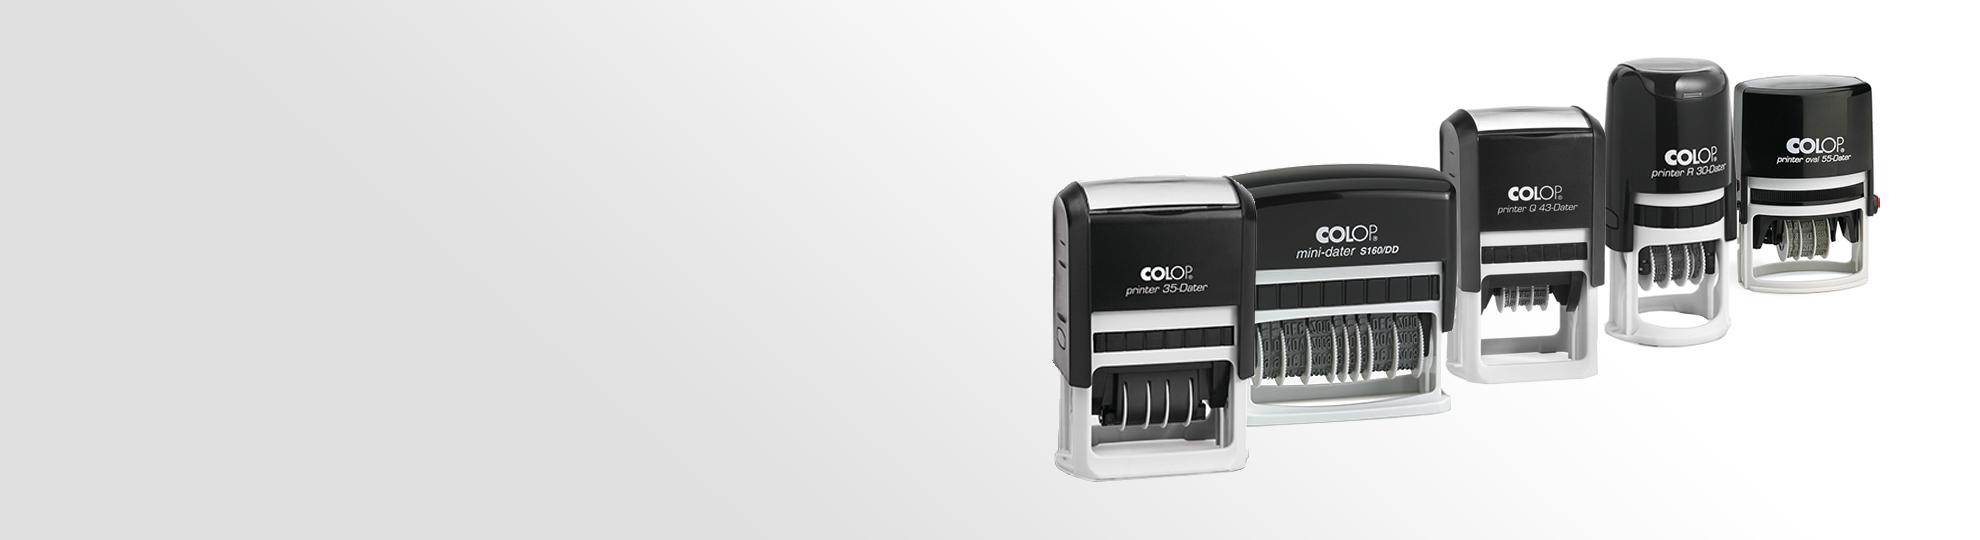 Imprimer Tampon dateur Colop plastique